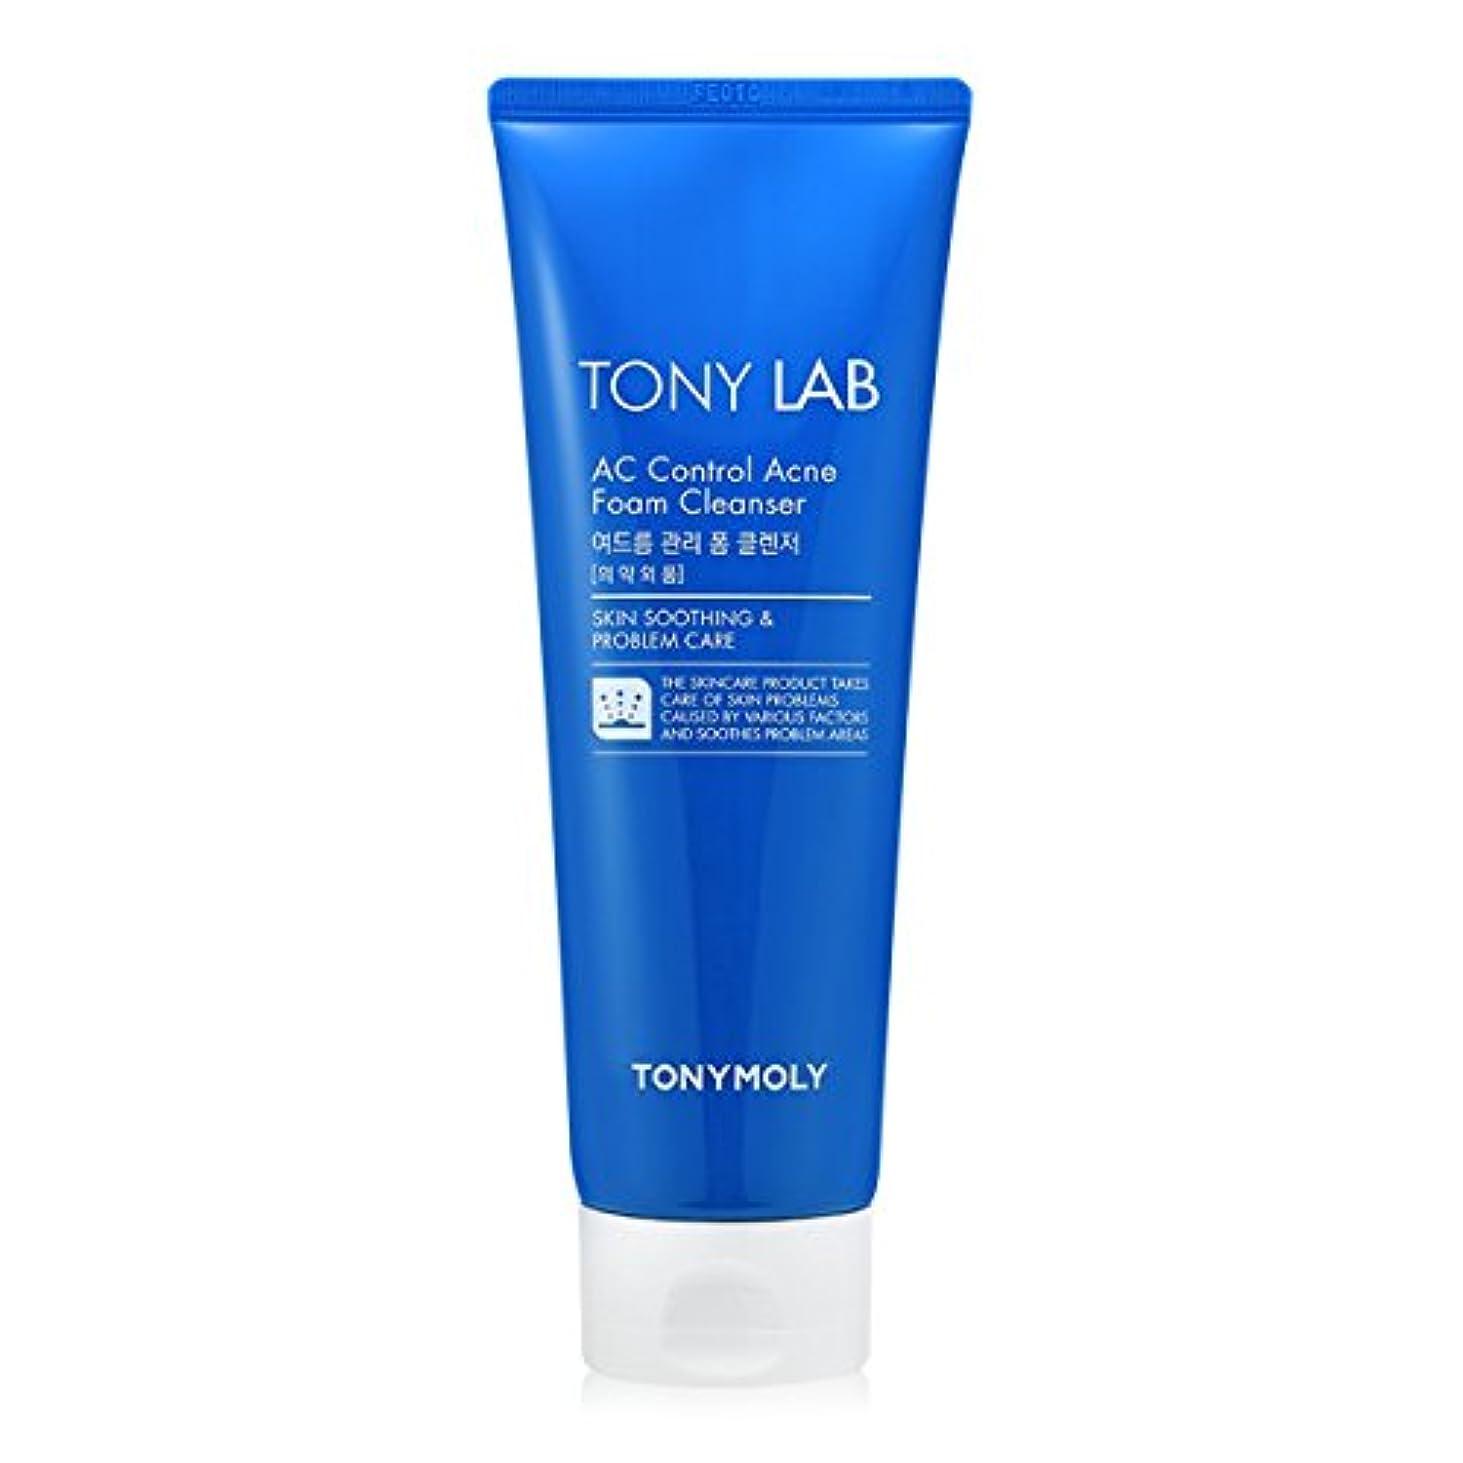 却下する学ぶここに[New] TONYMOLY Tony Lab AC Control Acne Foam Cleanser 150ml/トニーモリー トニー ラボ AC コントロール アクネ フォーム クレンザー 150ml [並行輸入品]